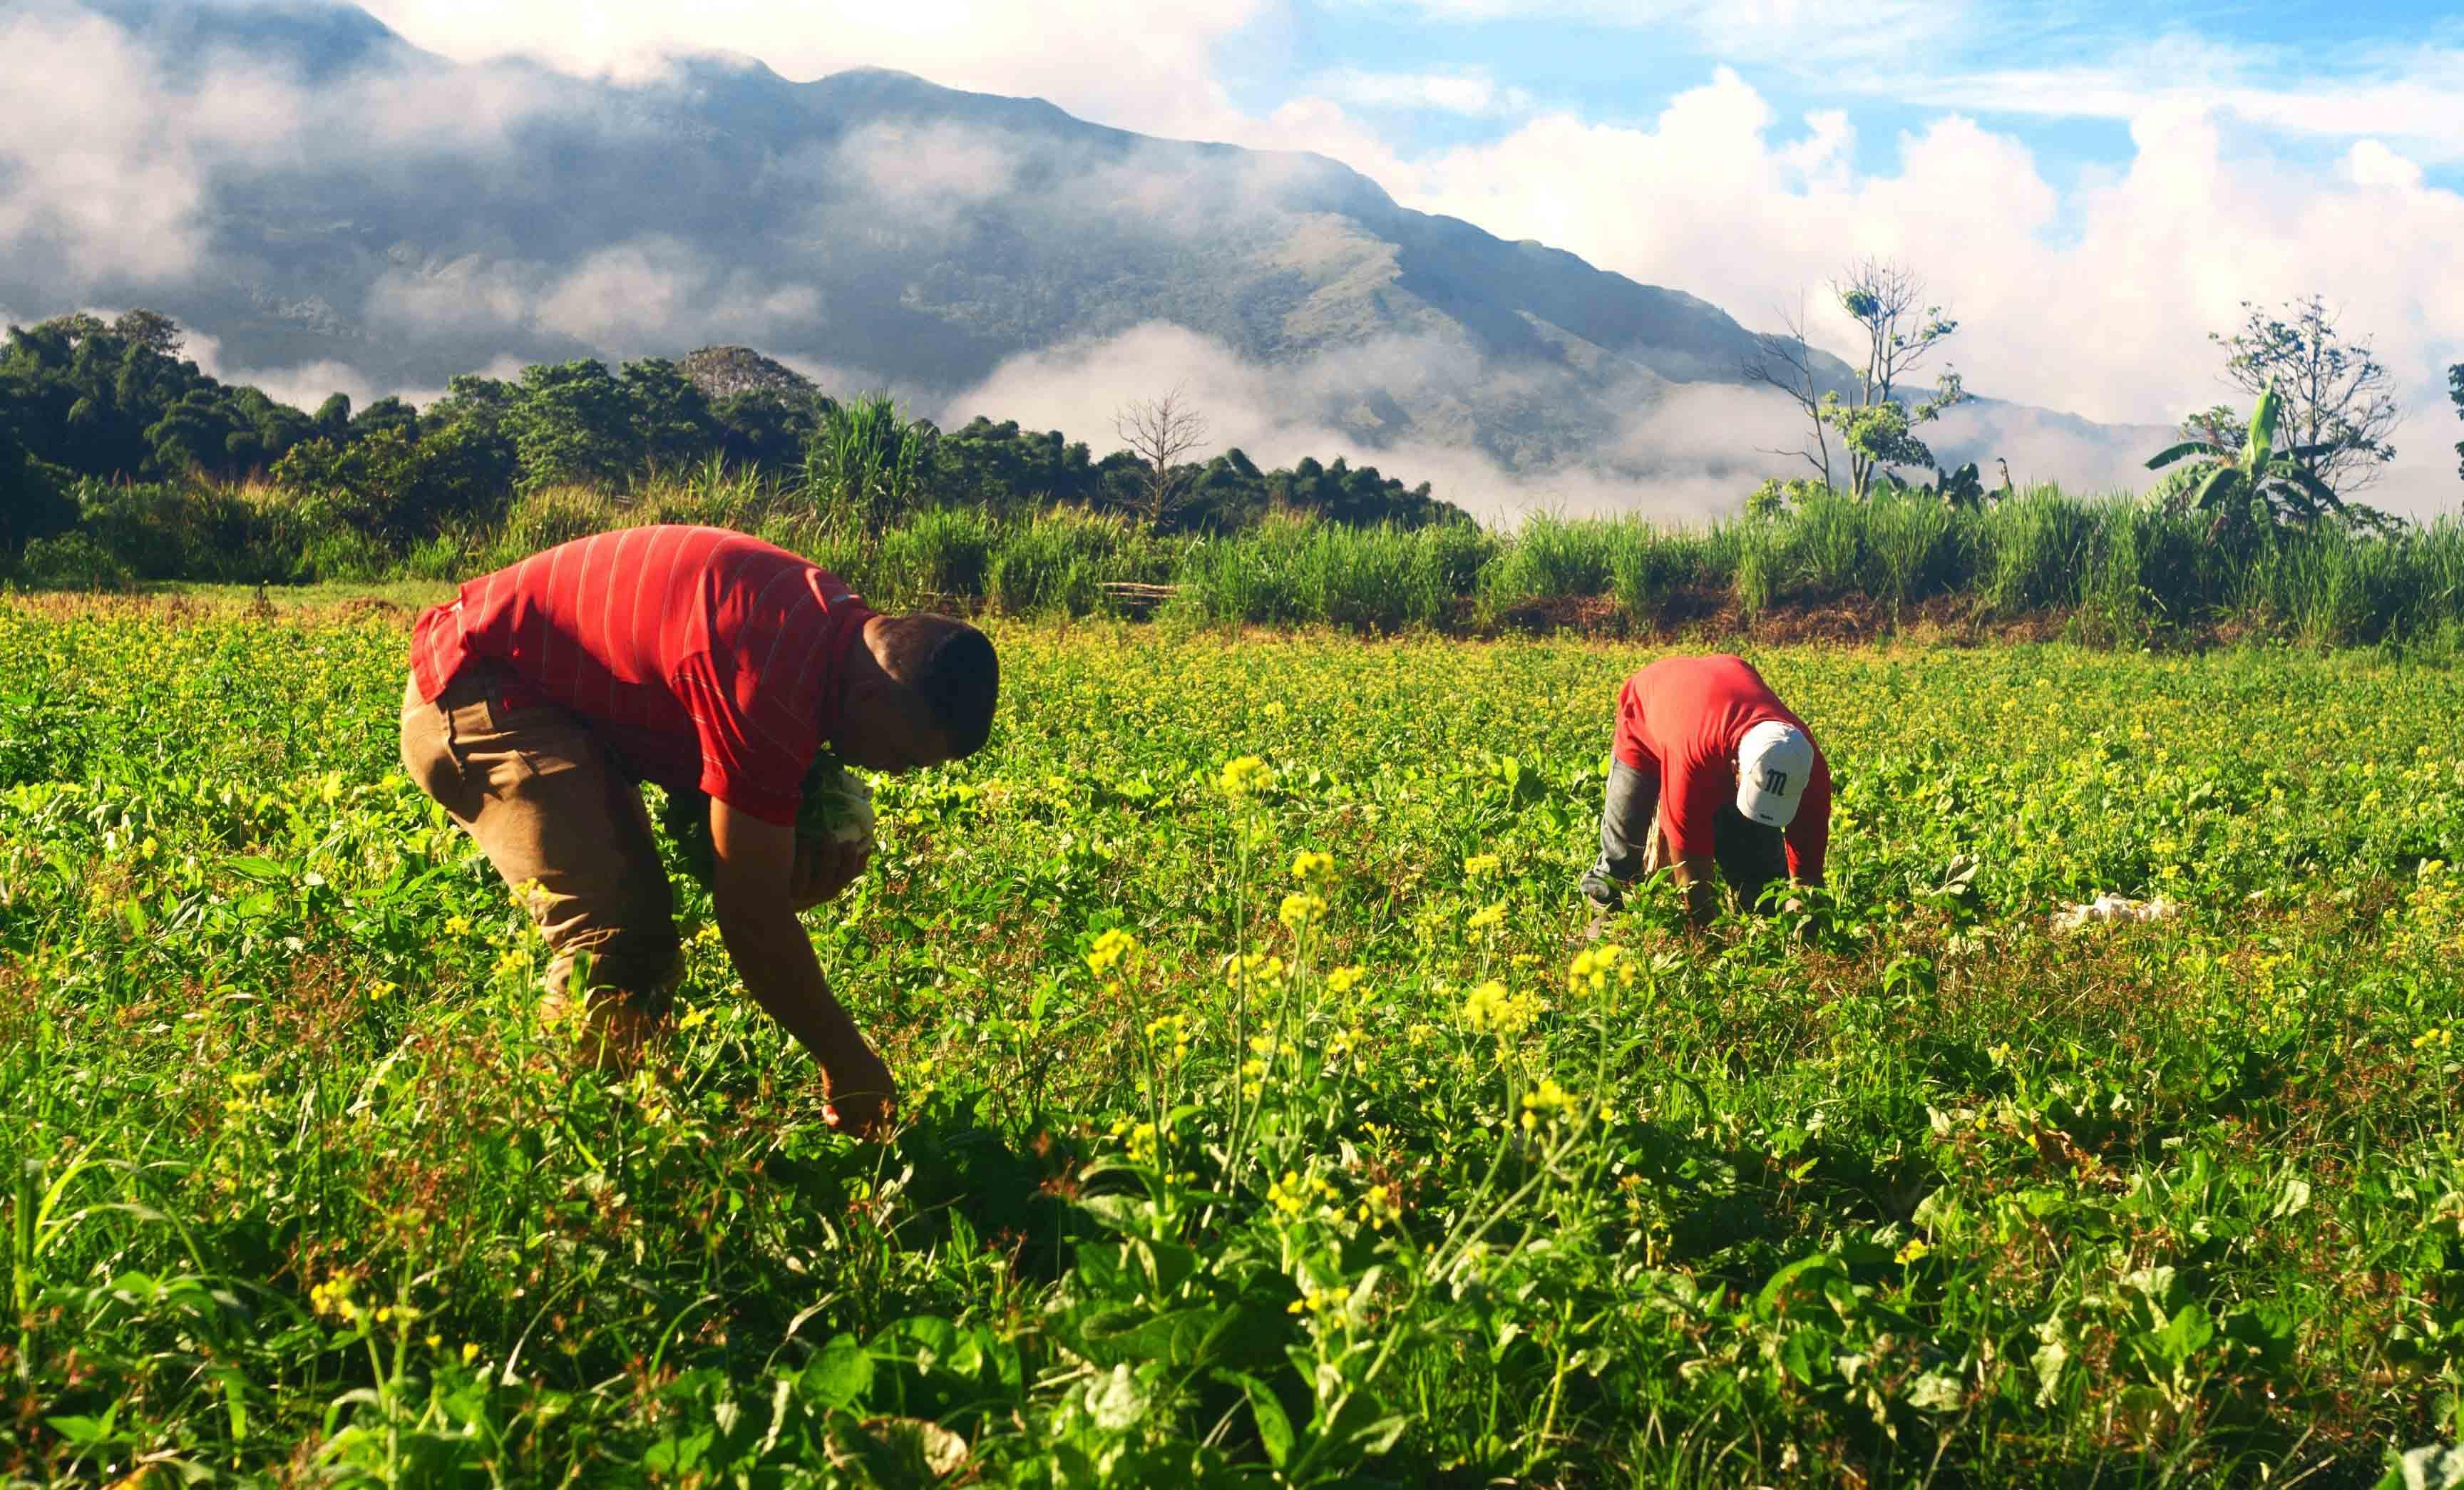 El éxito del FAE Agro dependerá de su rapidez e integración con políticas complementarias